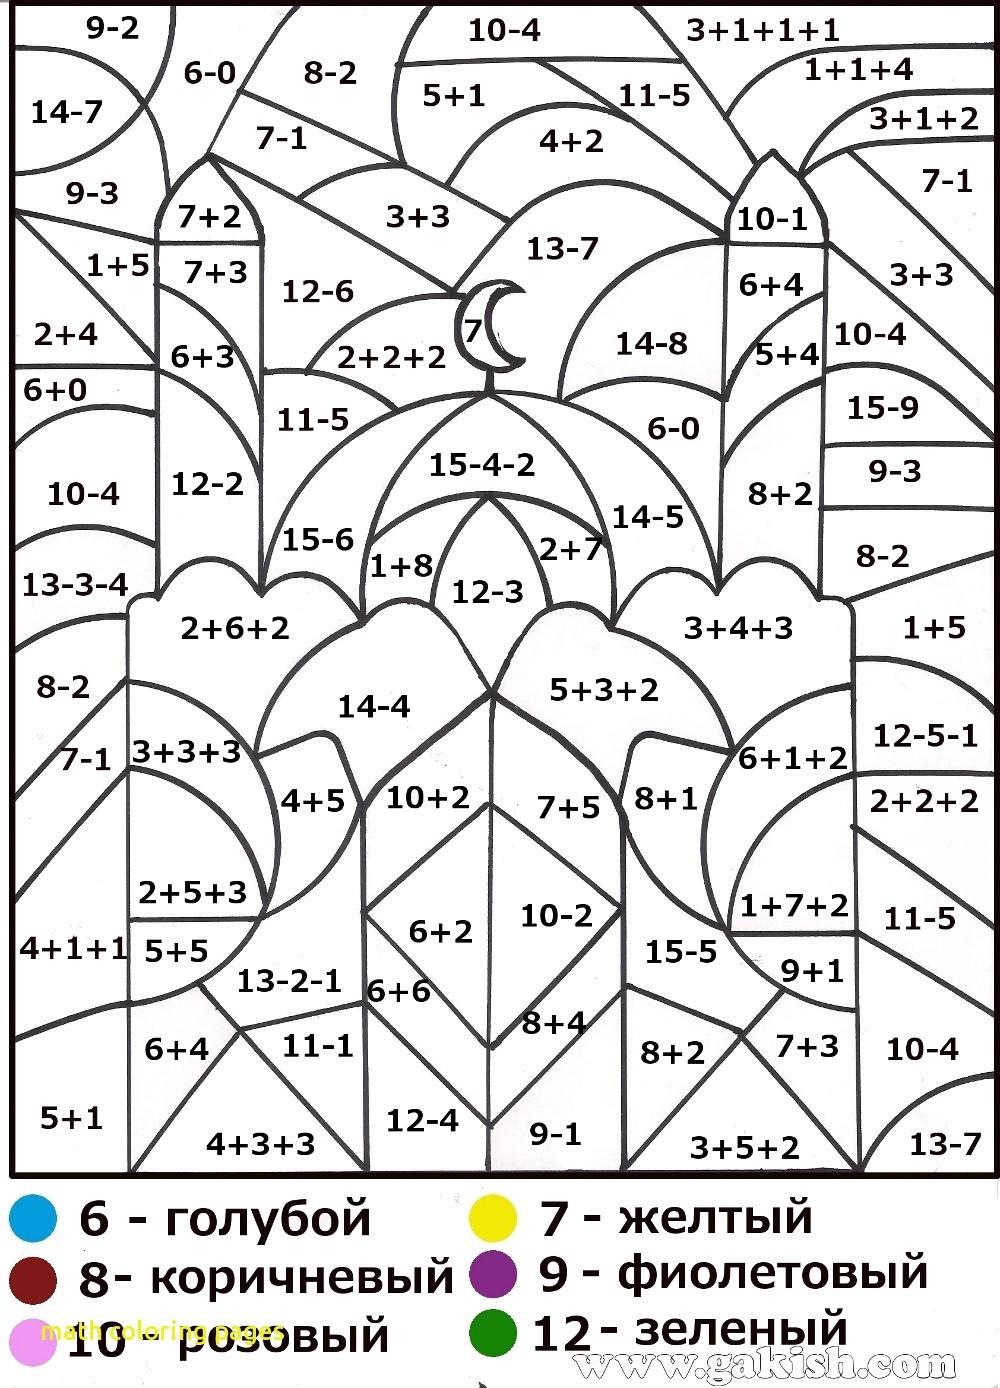 Fresh 2Nd Grade Math Coloring Worksheets | Fun Worksheet | Free Printable Math Coloring Worksheets For 2Nd Grade